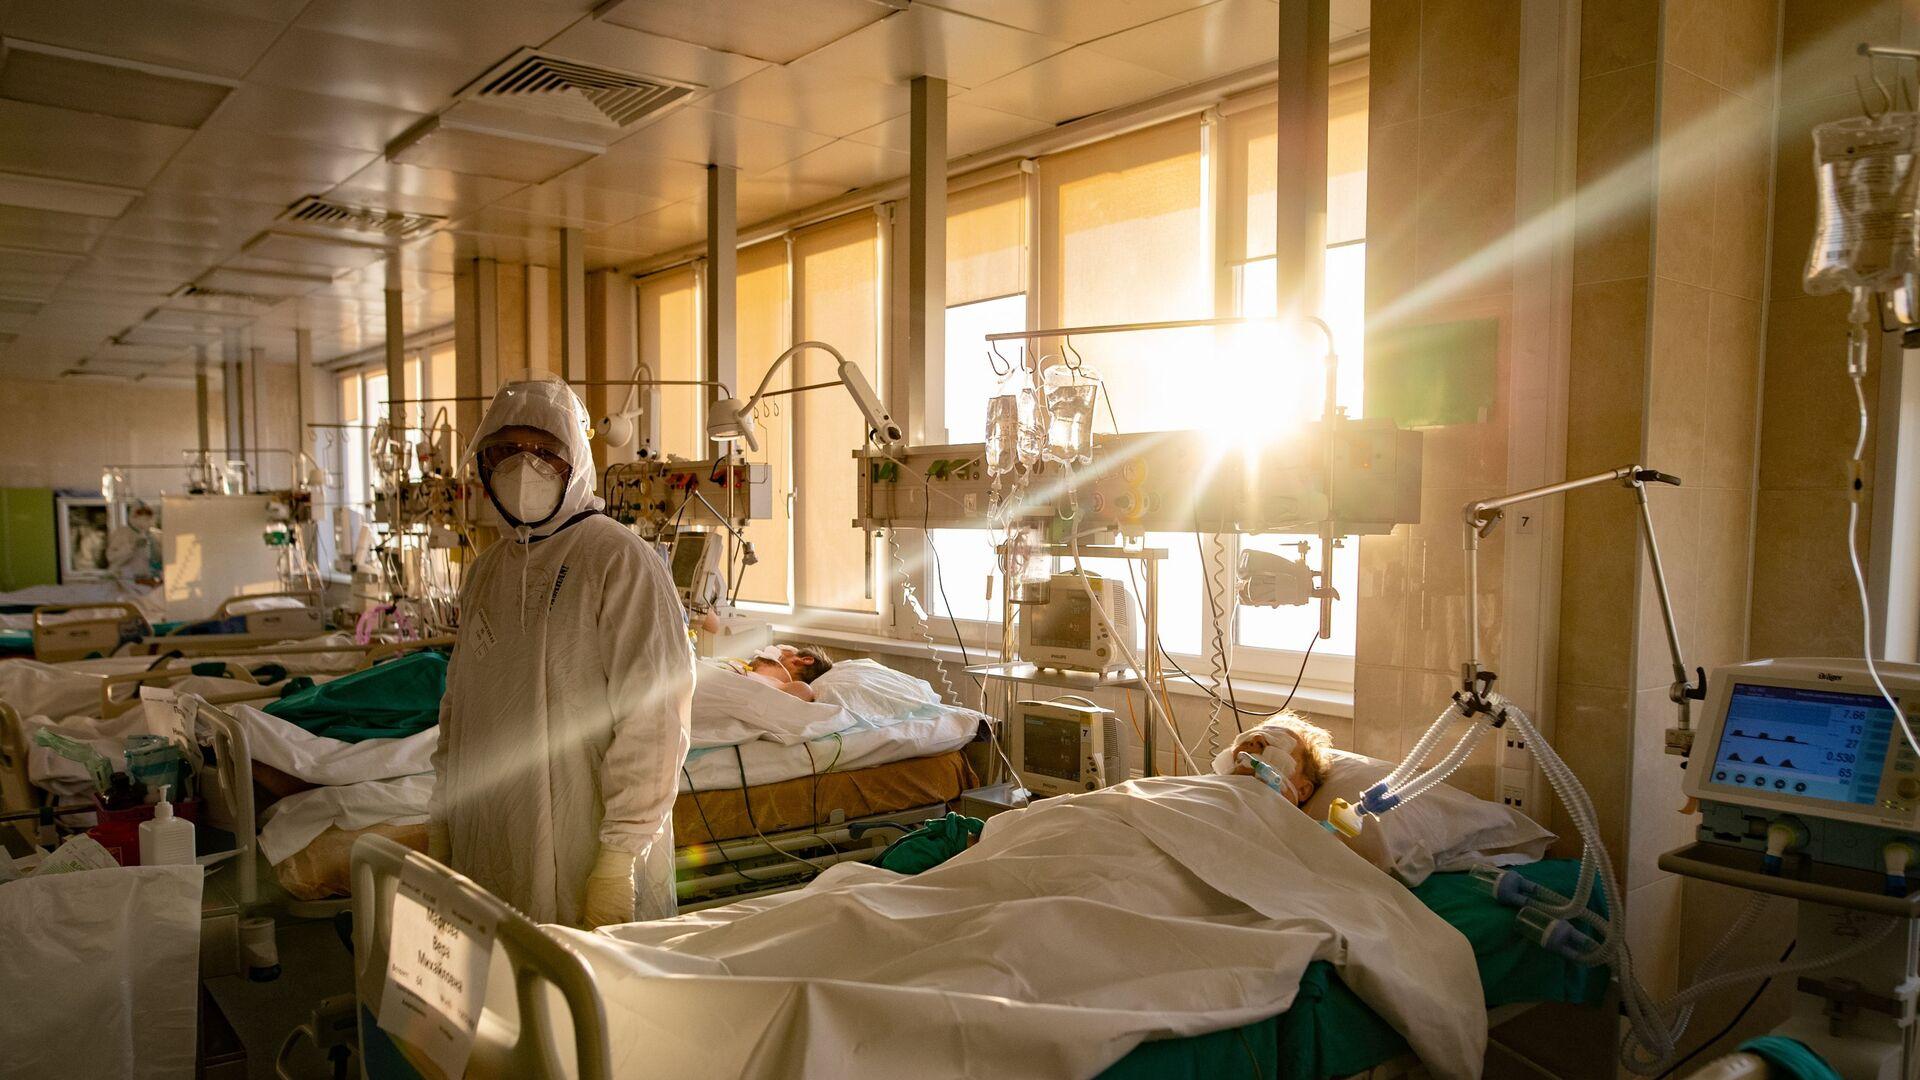 Госпиталь для больных COVID-19 в ГКБ № 15 имени О. М. Филатова - Sputnik Абхазия, 1920, 11.10.2021